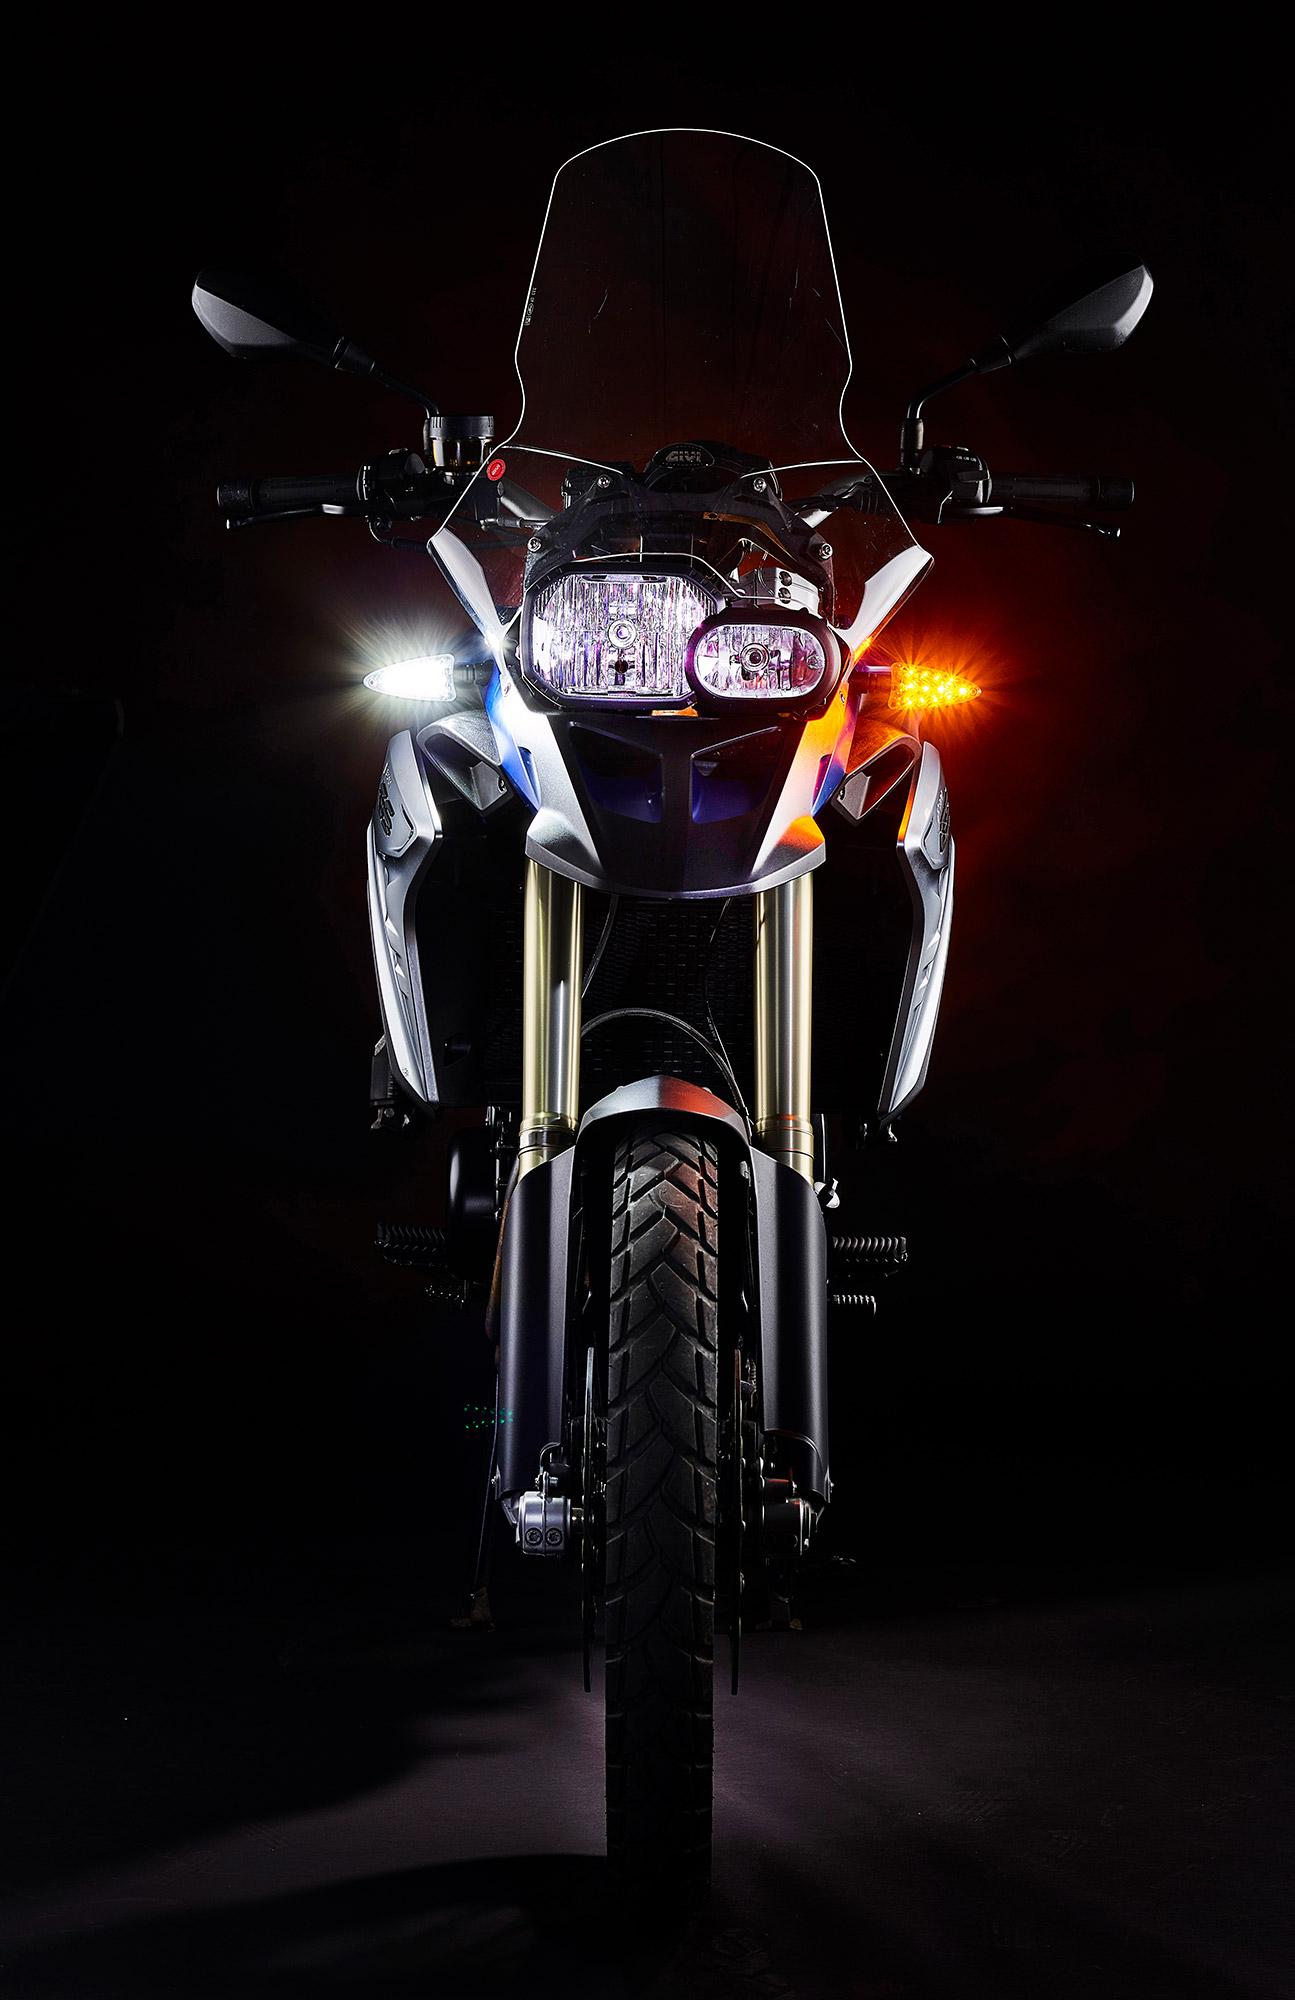 weiser-driving-light-turn-signal-new-front-2a-web.jpg